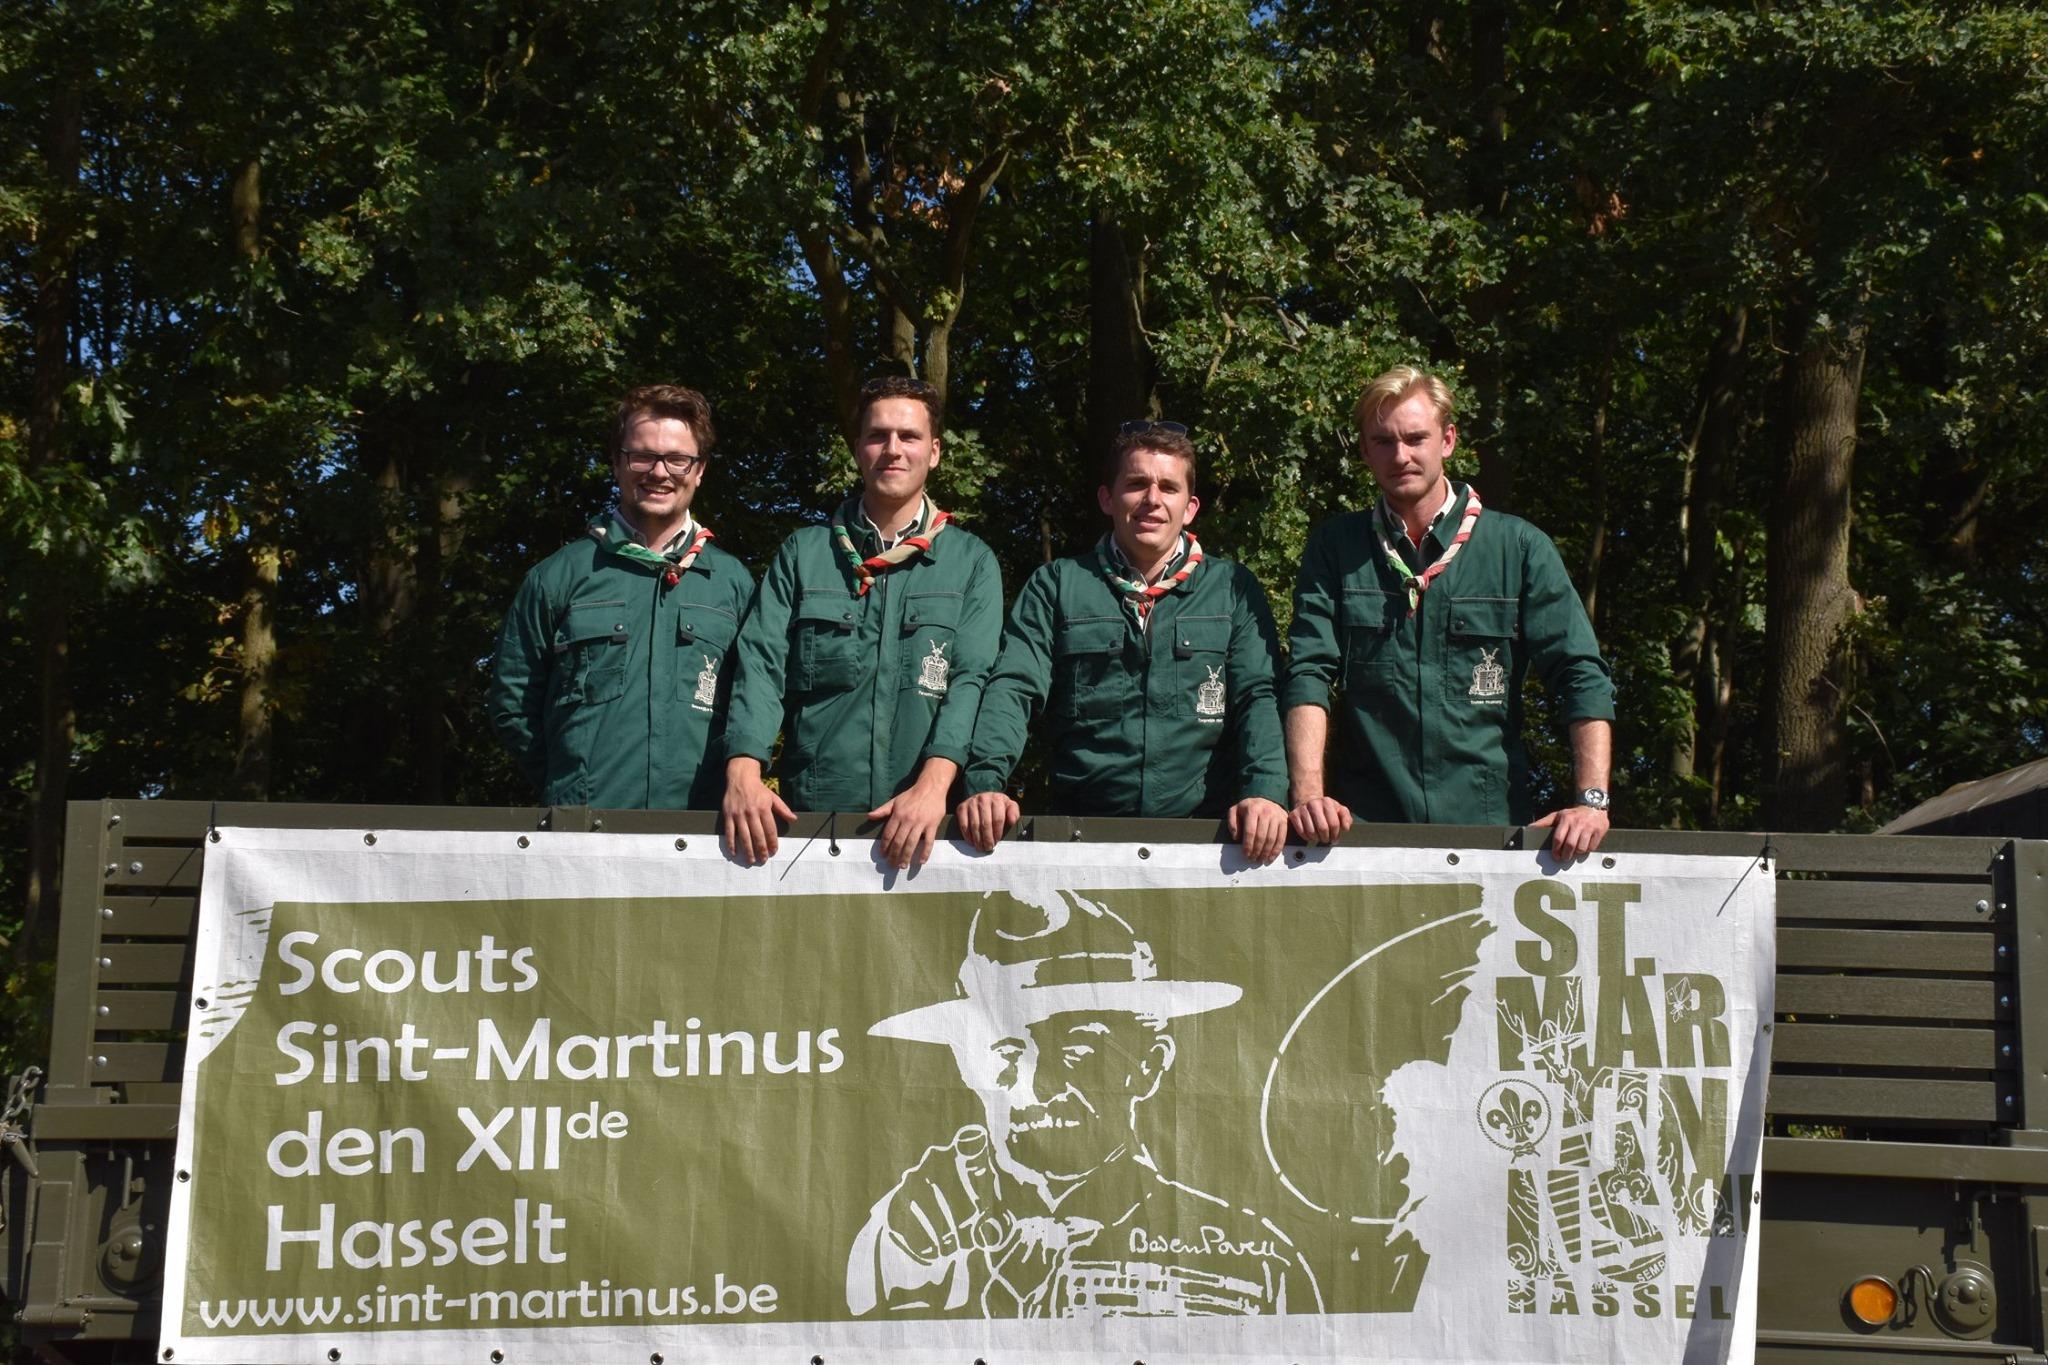 Sint-Martinus den XIIde - Materiaalploeg